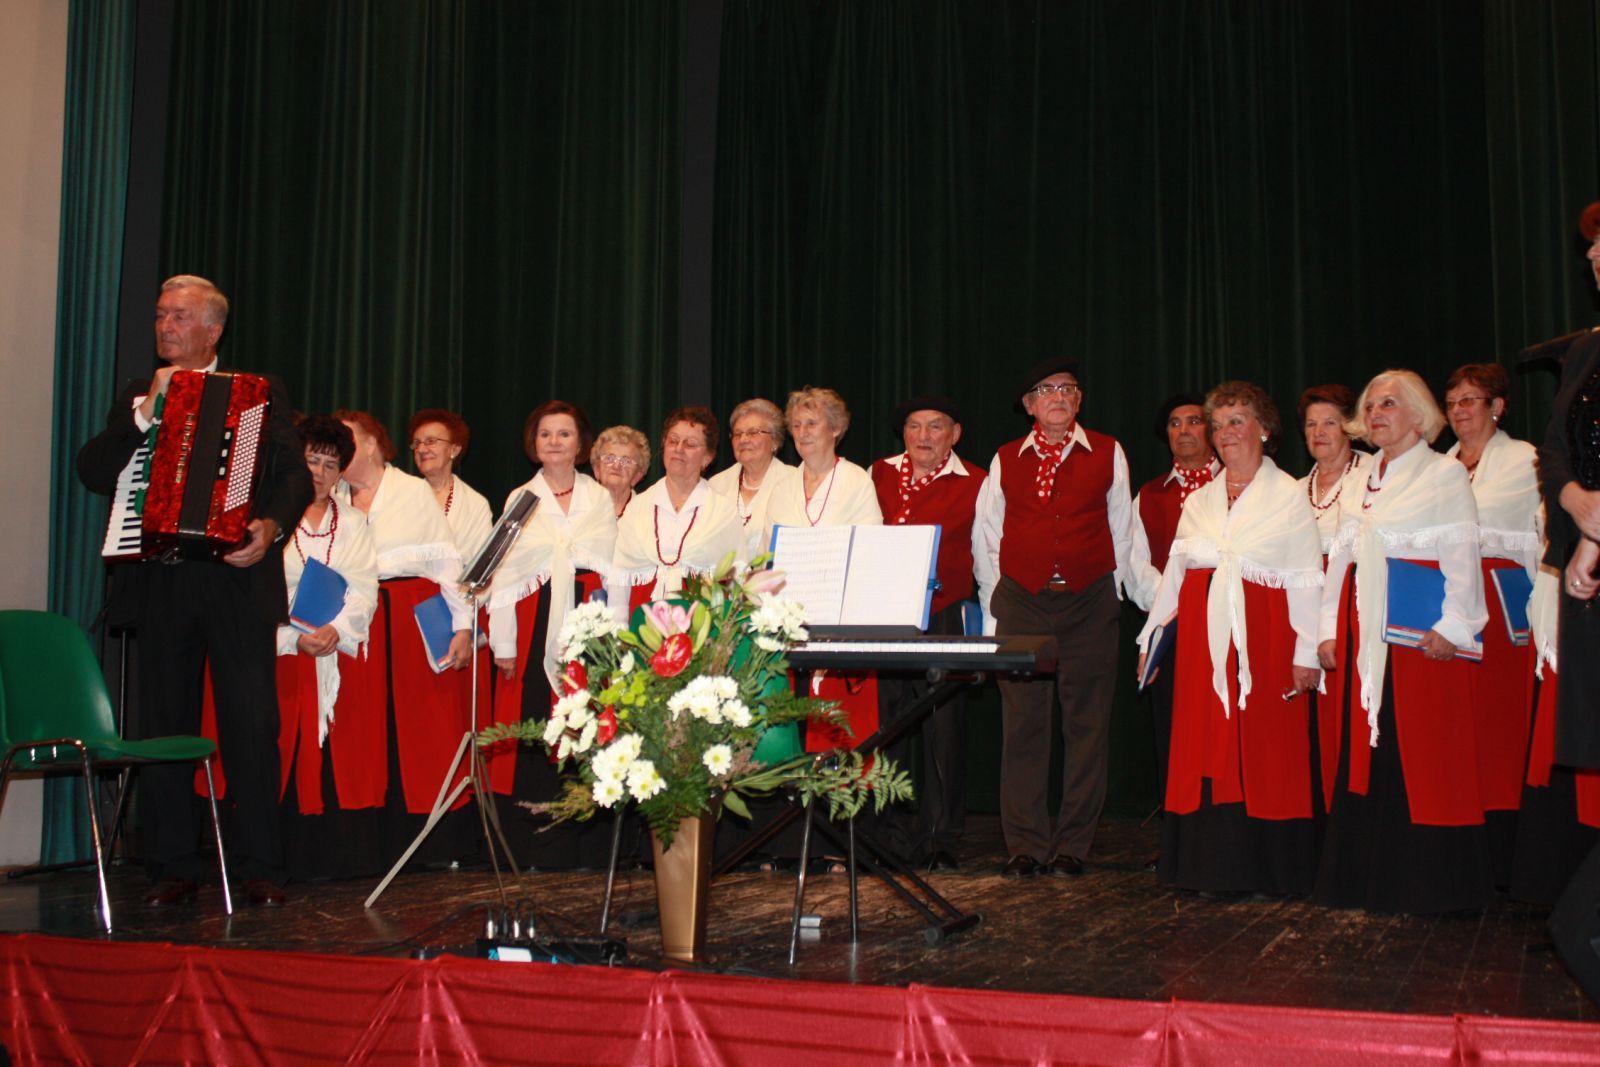 Zasłużony dla miasta Boguszowa-Gorc